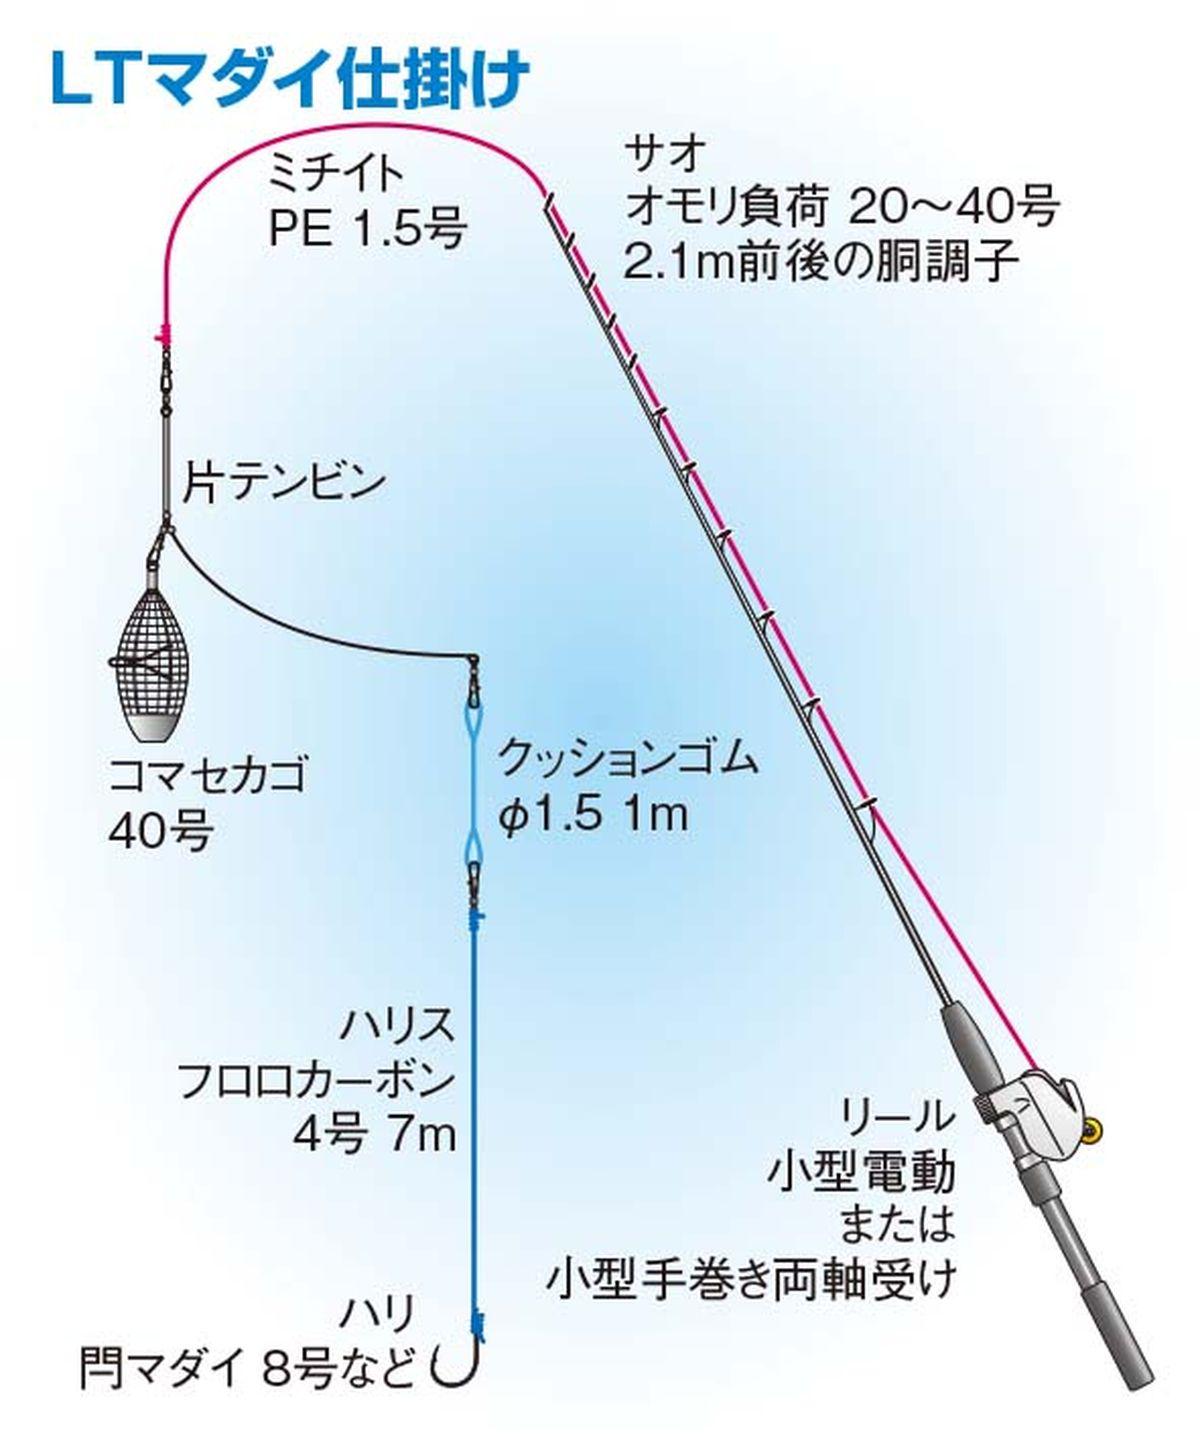 064-067-yamaguchi-madai_cs6 (31)